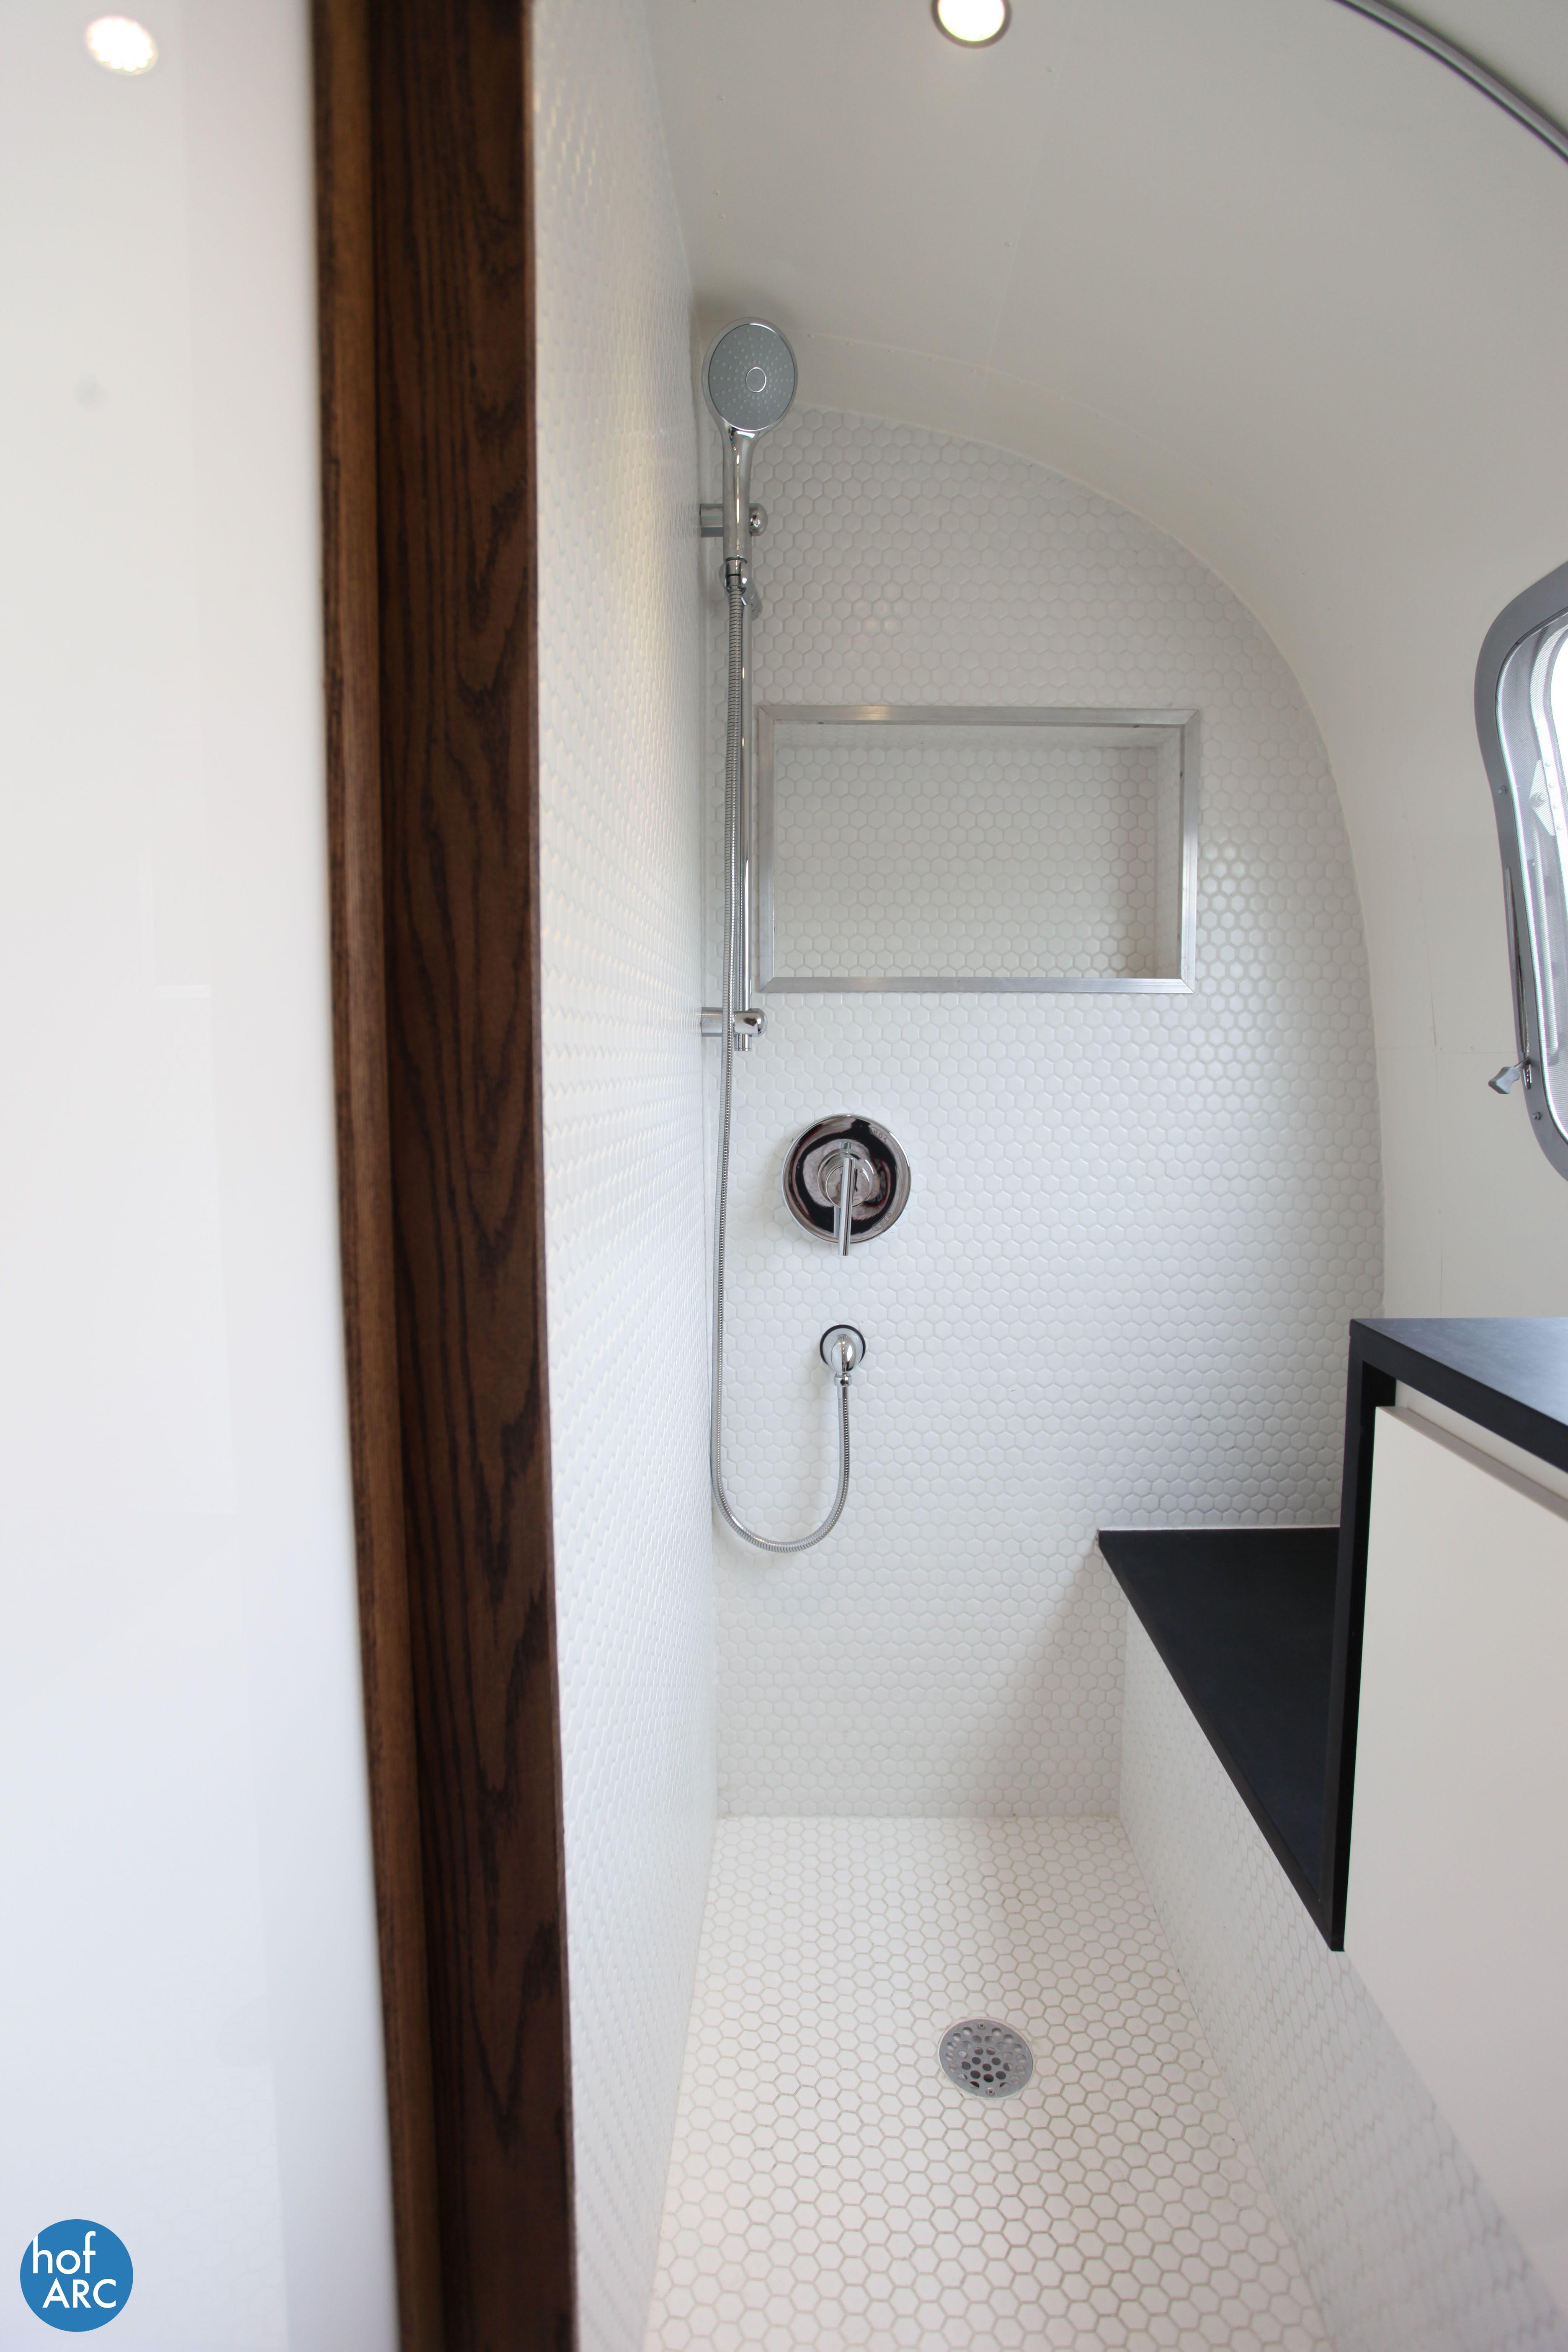 25+ Salle de bain caravane ideas